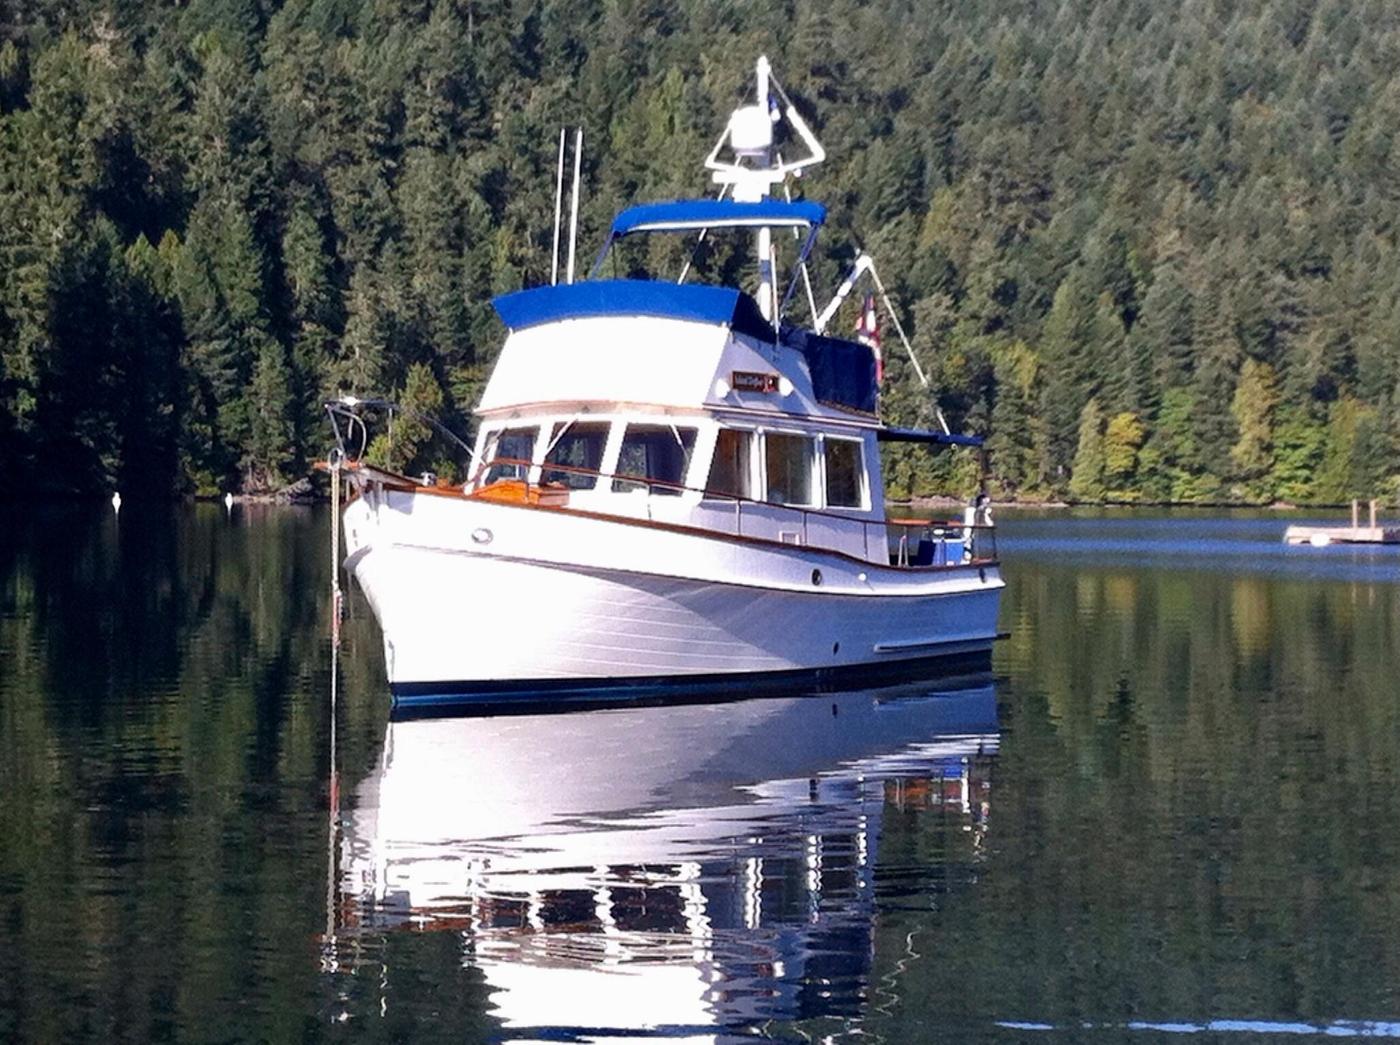 1988 Grand Banks 32, At Anchor